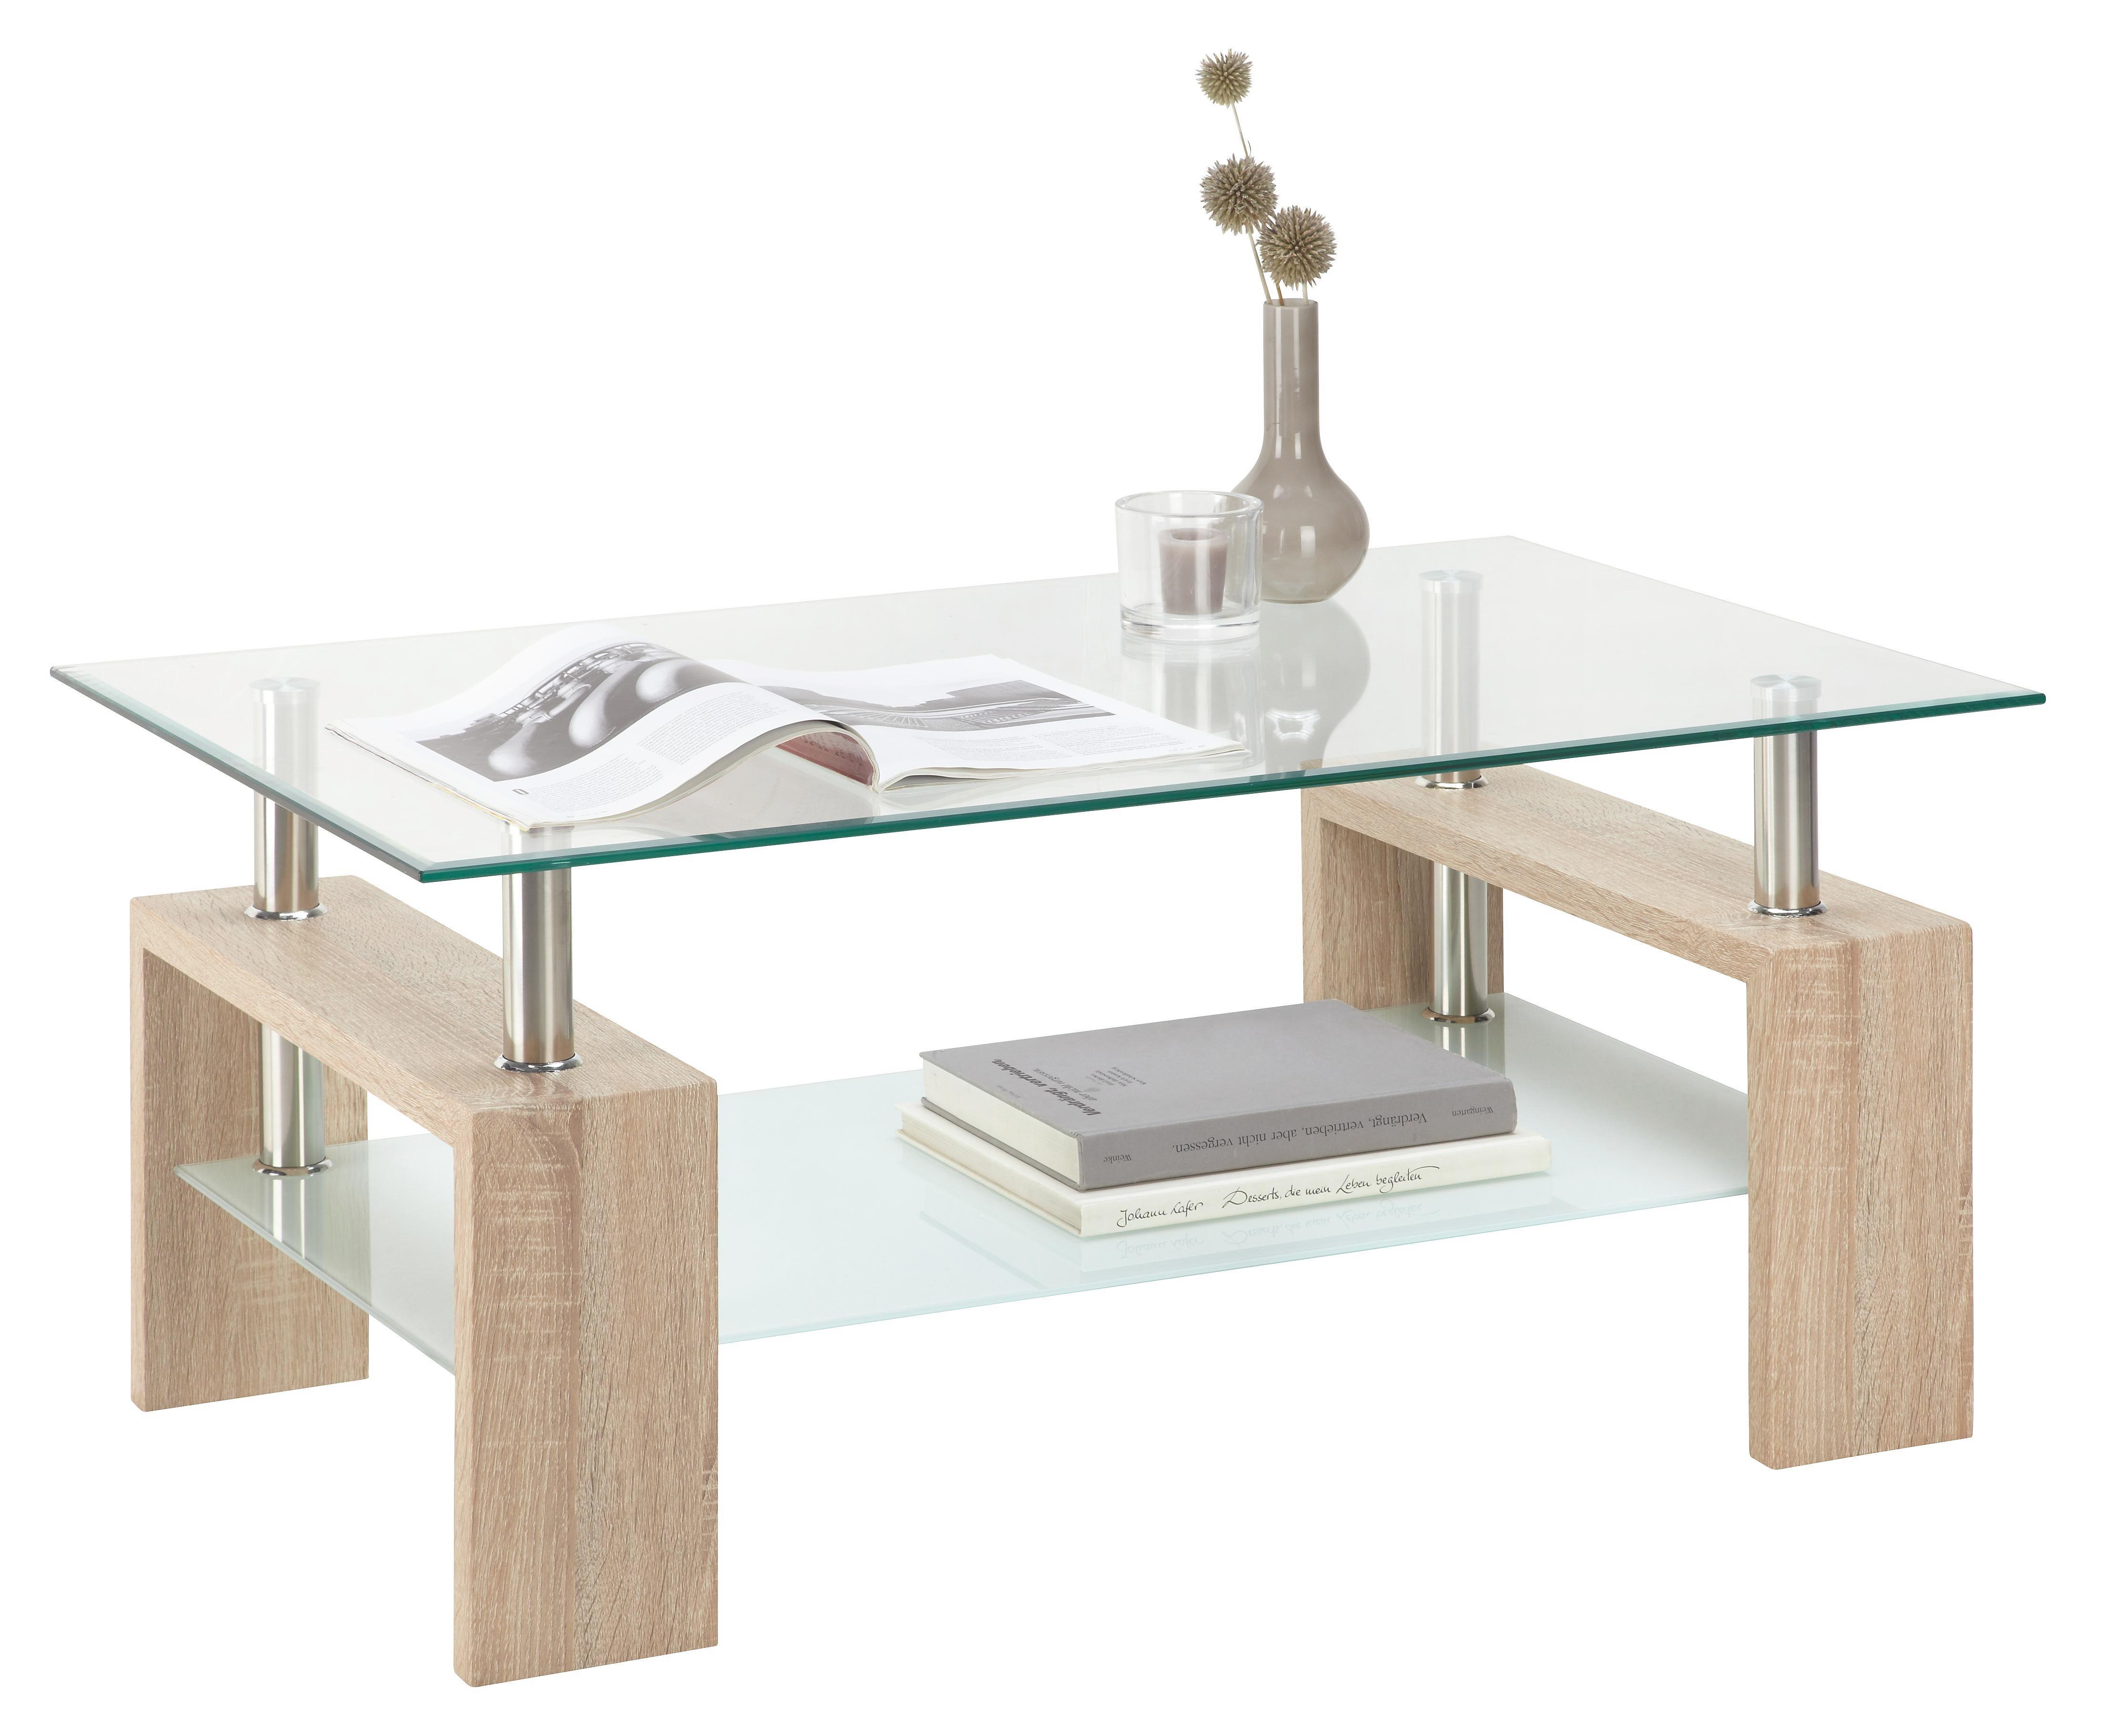 couchtisch glas modern good couchtisch glas mit ablageboden haben gewicht kg mit modern stil. Black Bedroom Furniture Sets. Home Design Ideas